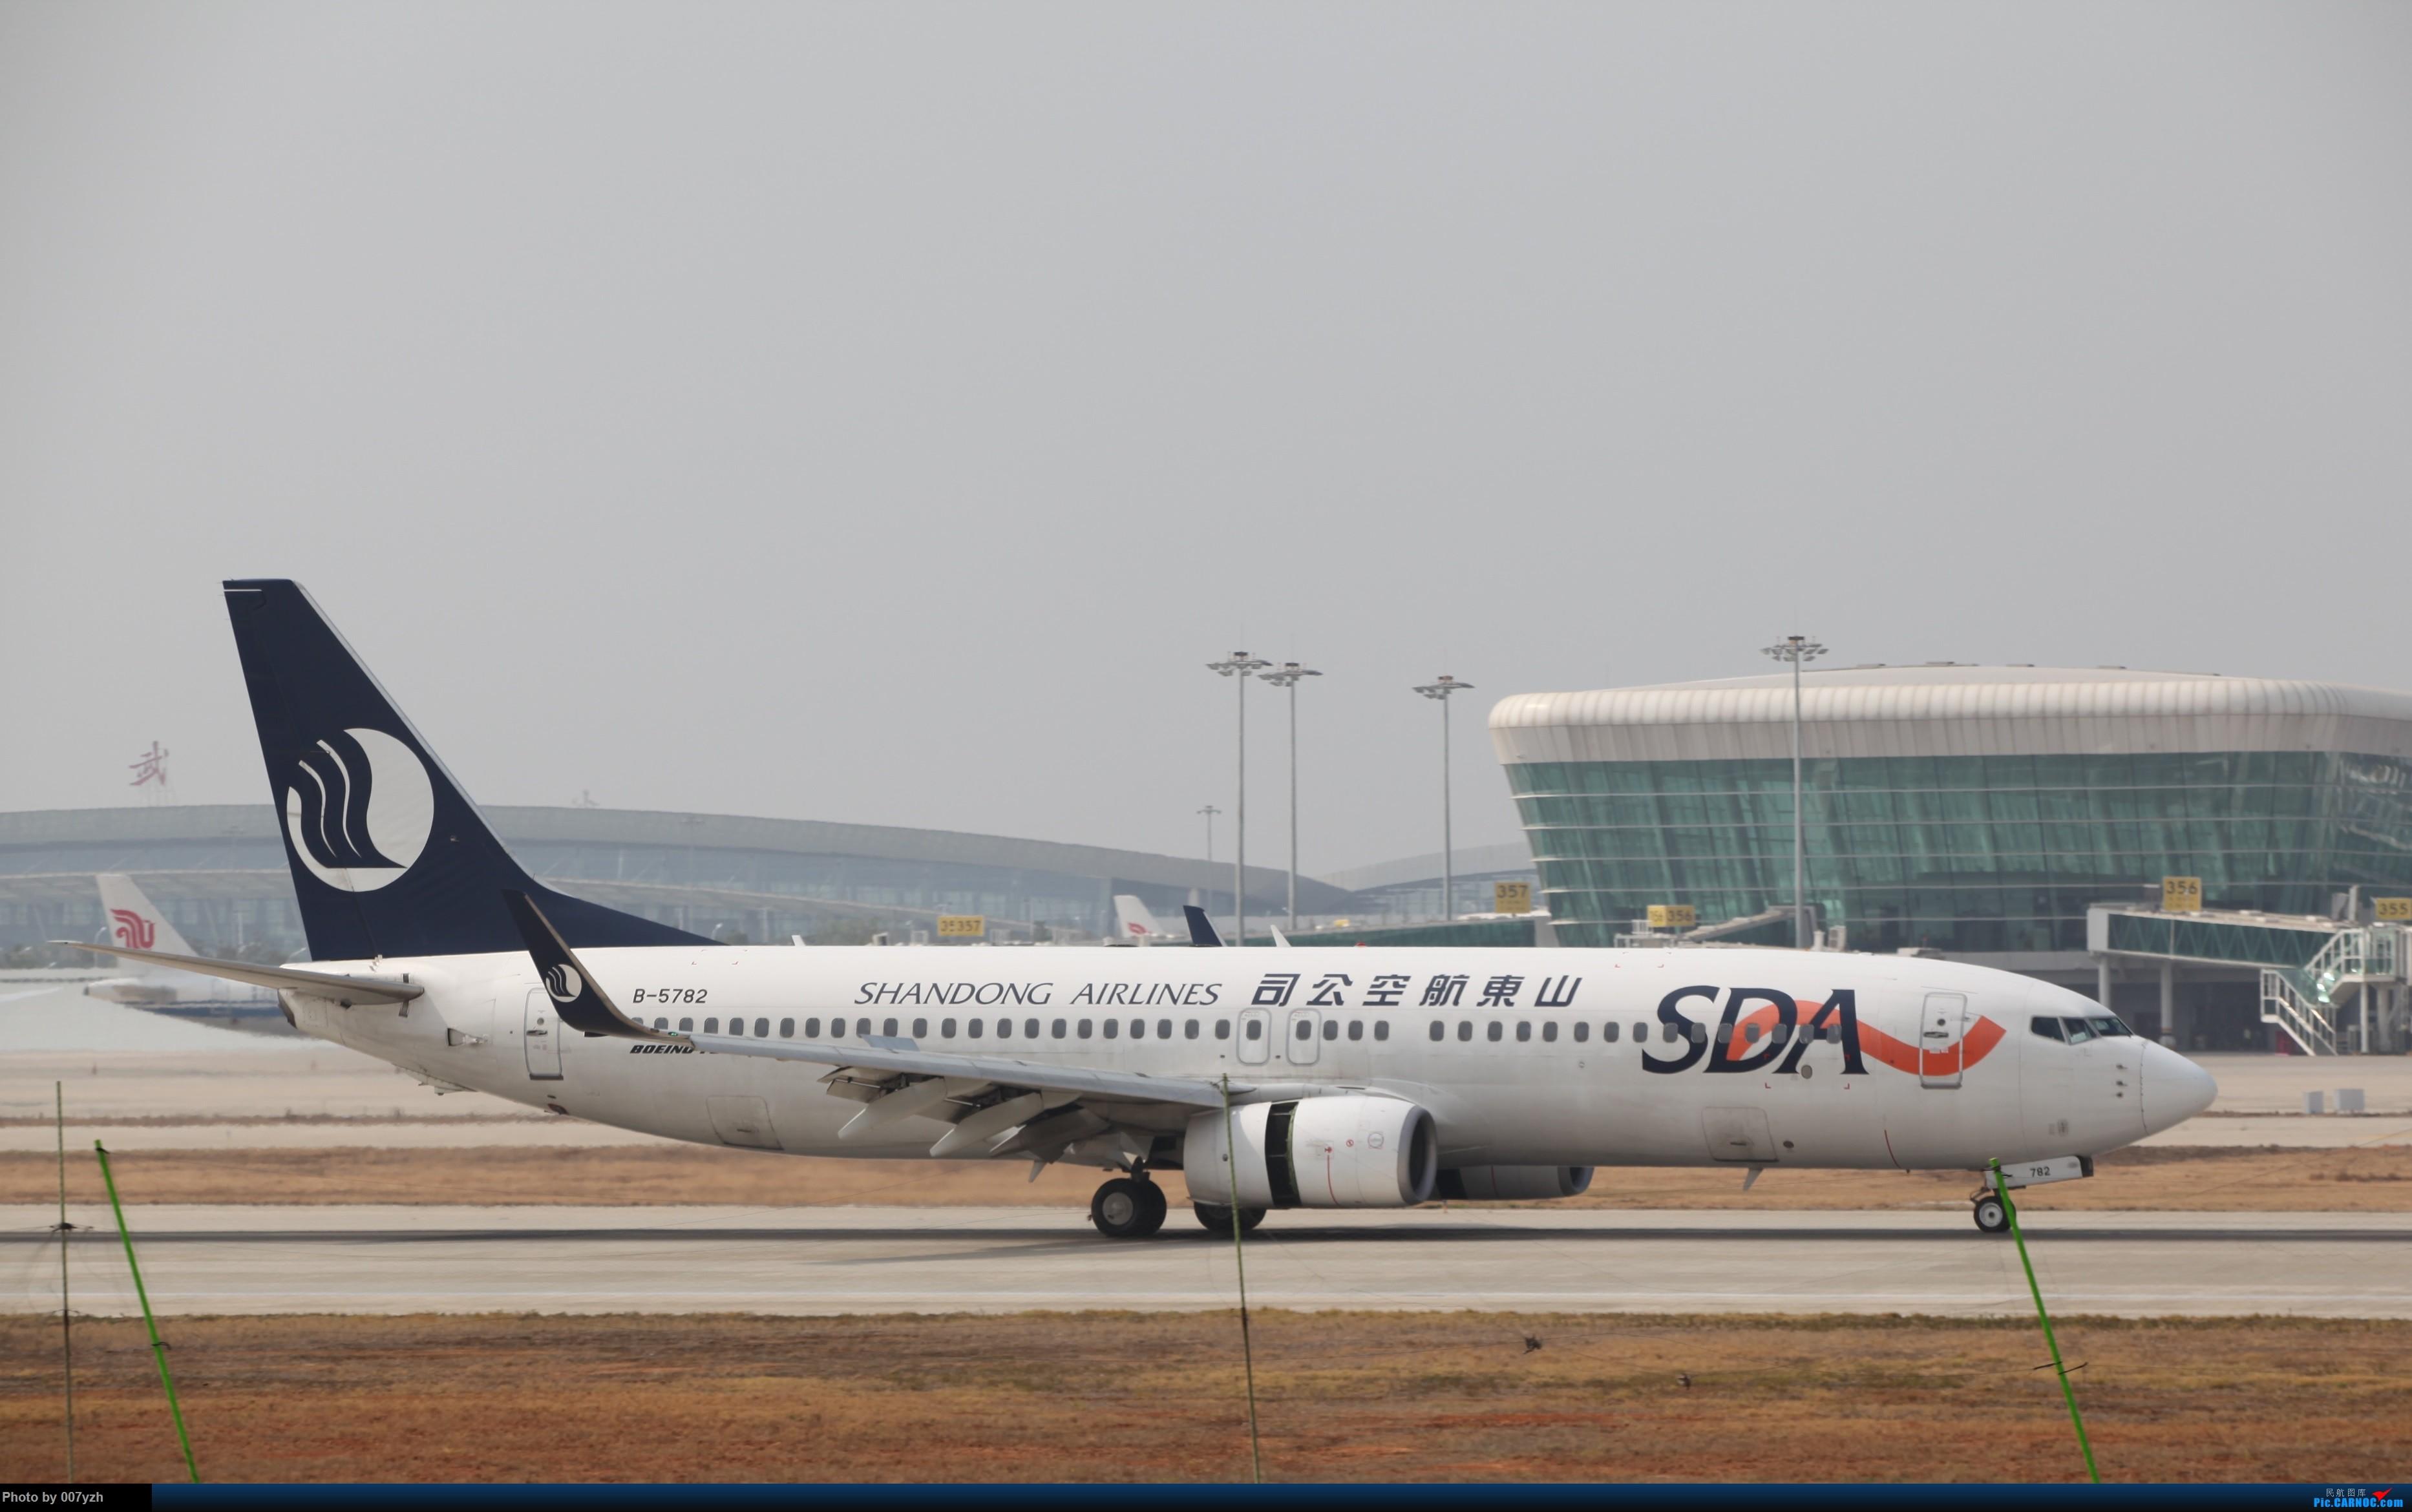 Re:[原创]WUH小拍,终于找到了在WUH拍机的组织 BOEING 737-800 B-5782 中国武汉天河国际机场